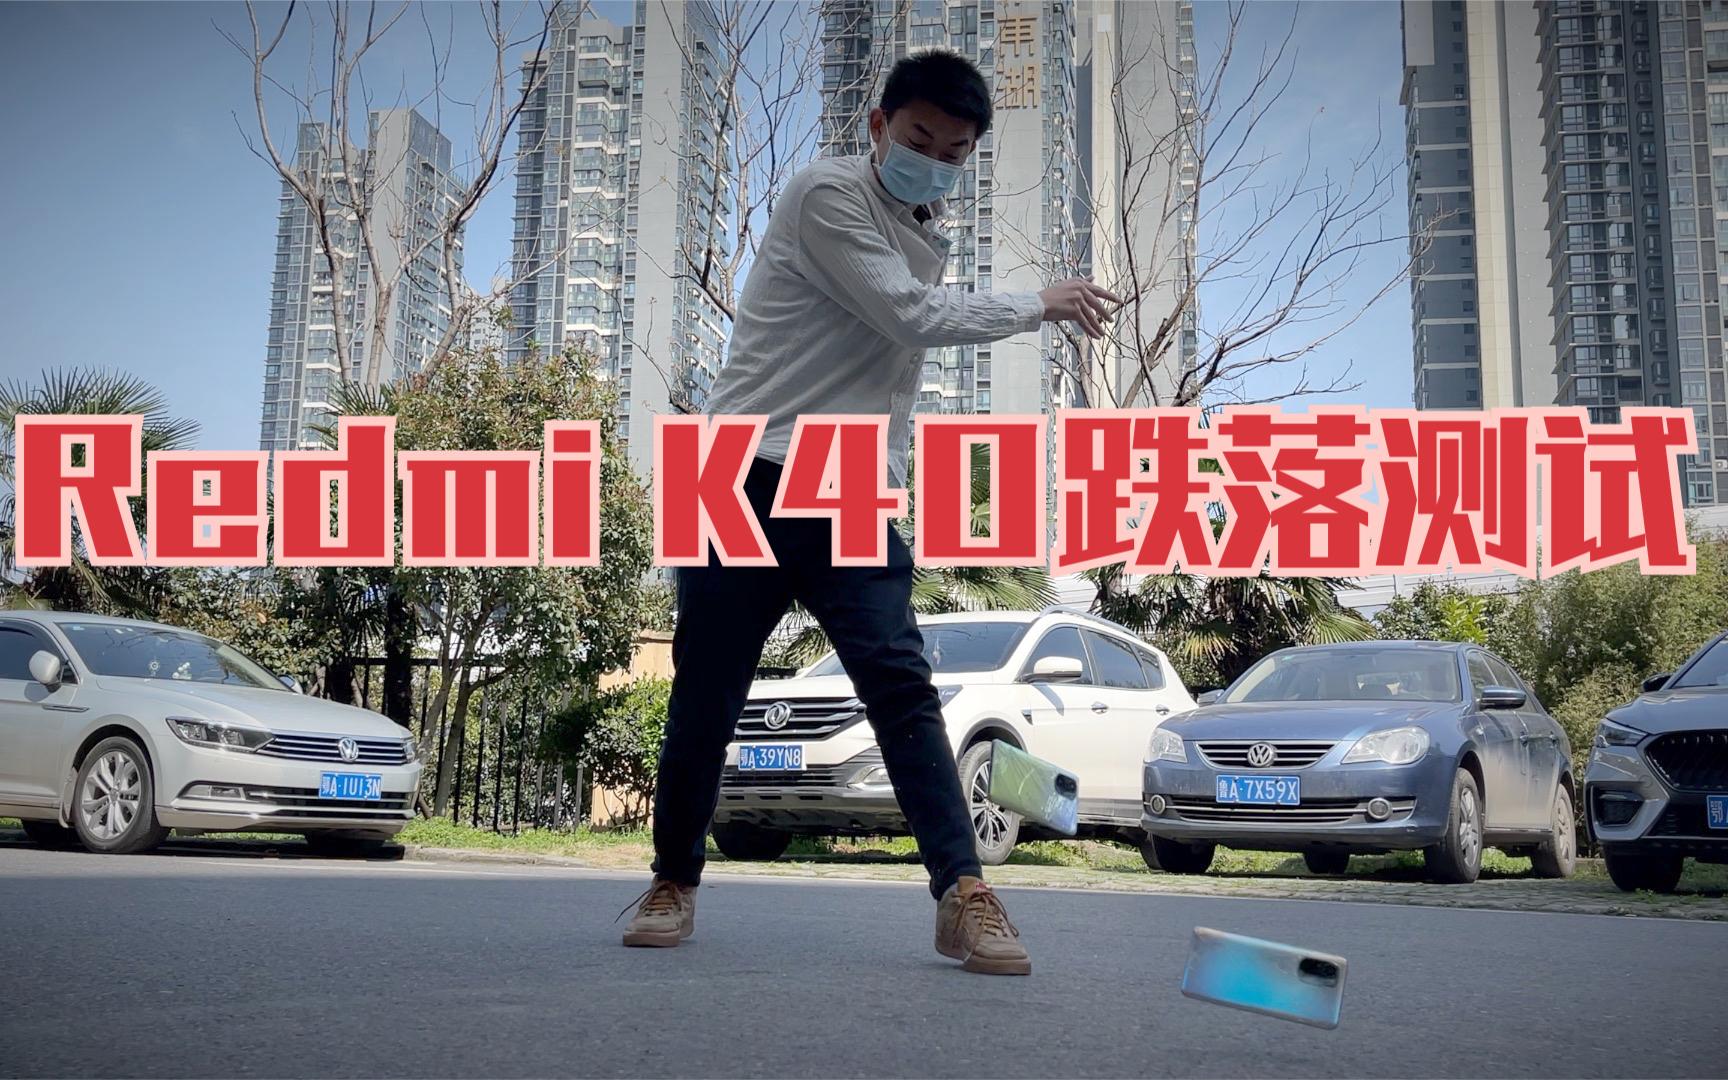 来了!红米K40跌落测试,模拟暴力摔手机会怎么样?【新评科技】